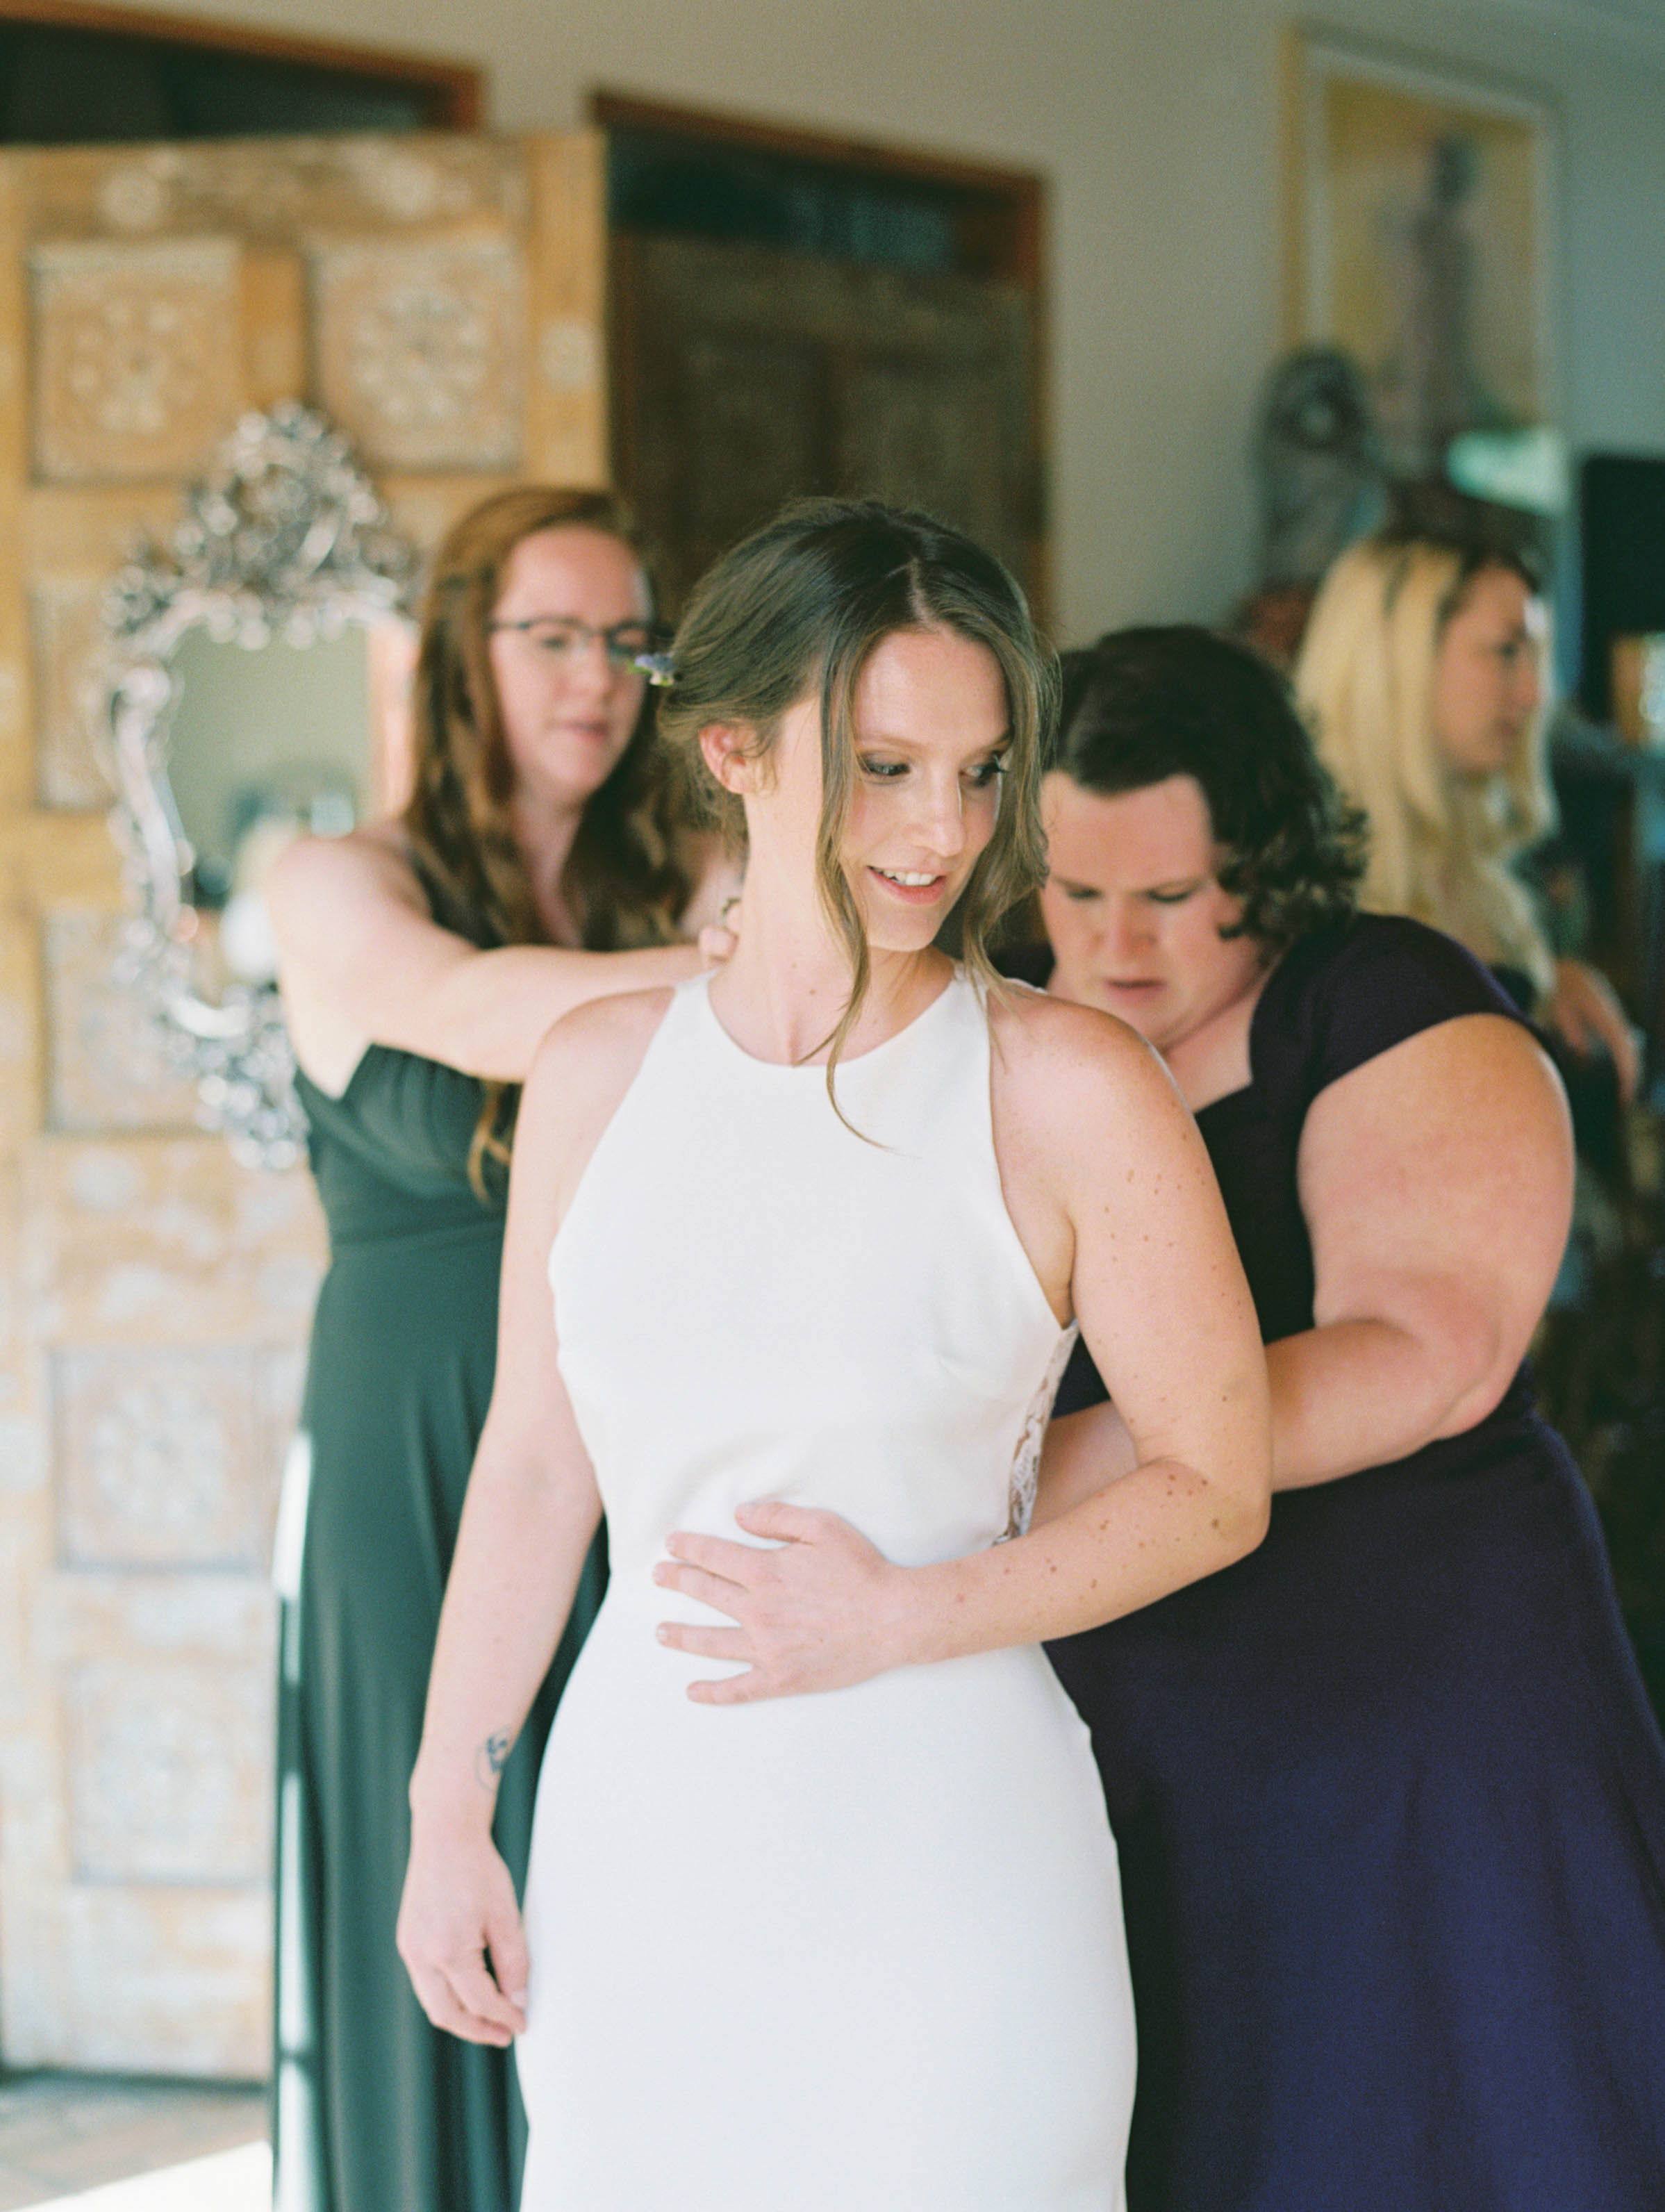 Alex-Kyrany-Wedding-Jennifers-Gardens-61.jpg